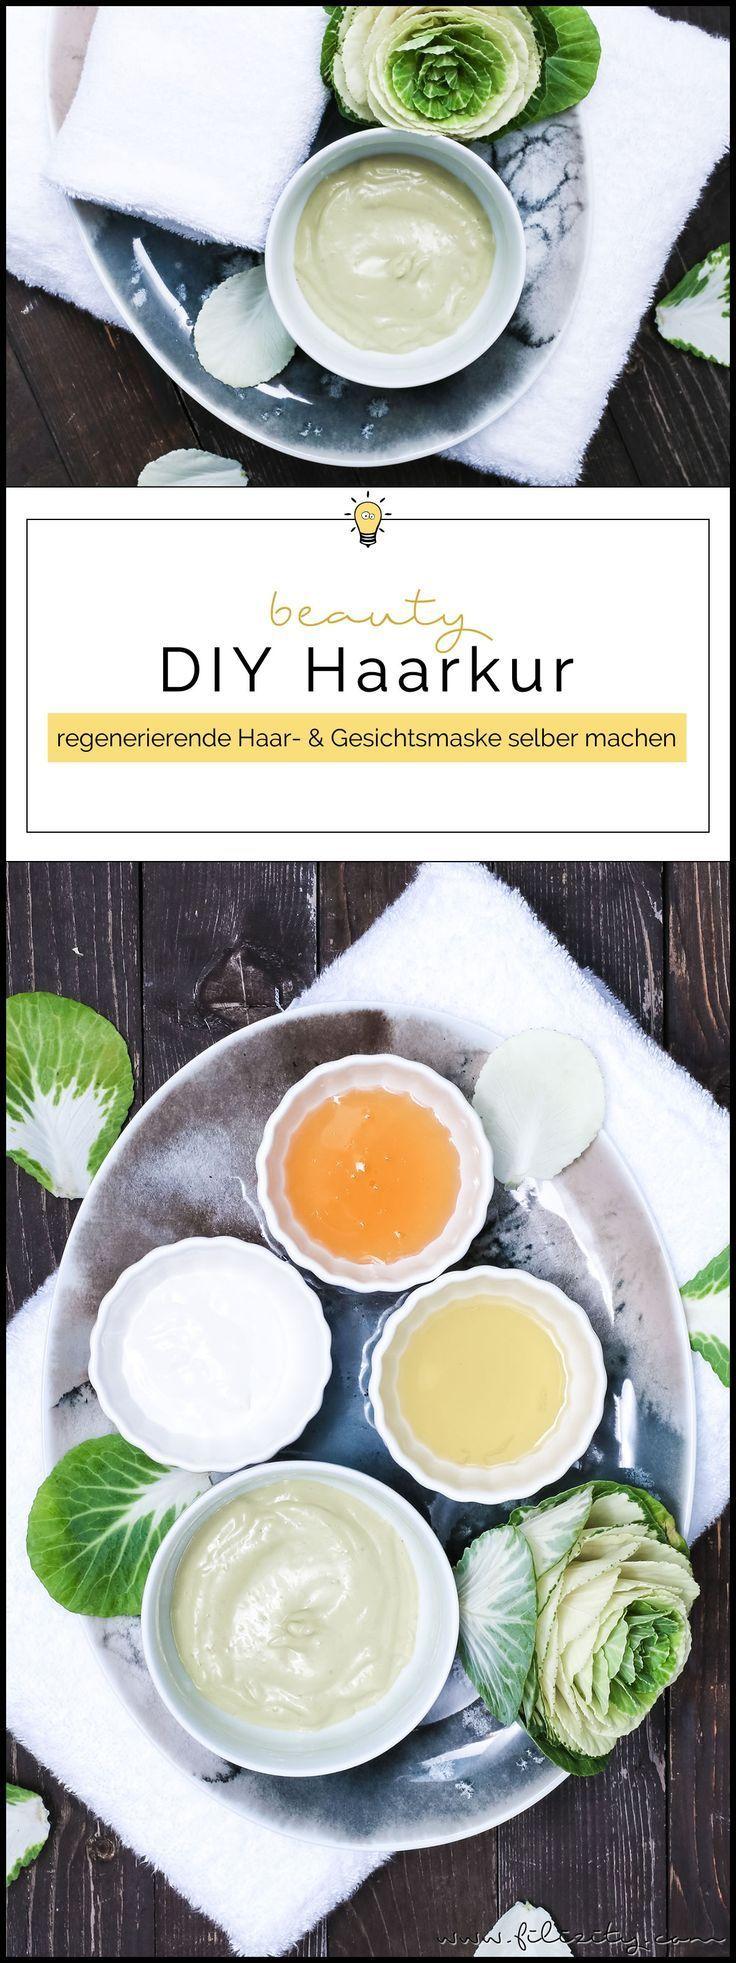 Regenerierende Haarkur/Gesichtsmaske selber machen | Filizity.com | Beauty-Blog aus dem Rheinland #naturalcures